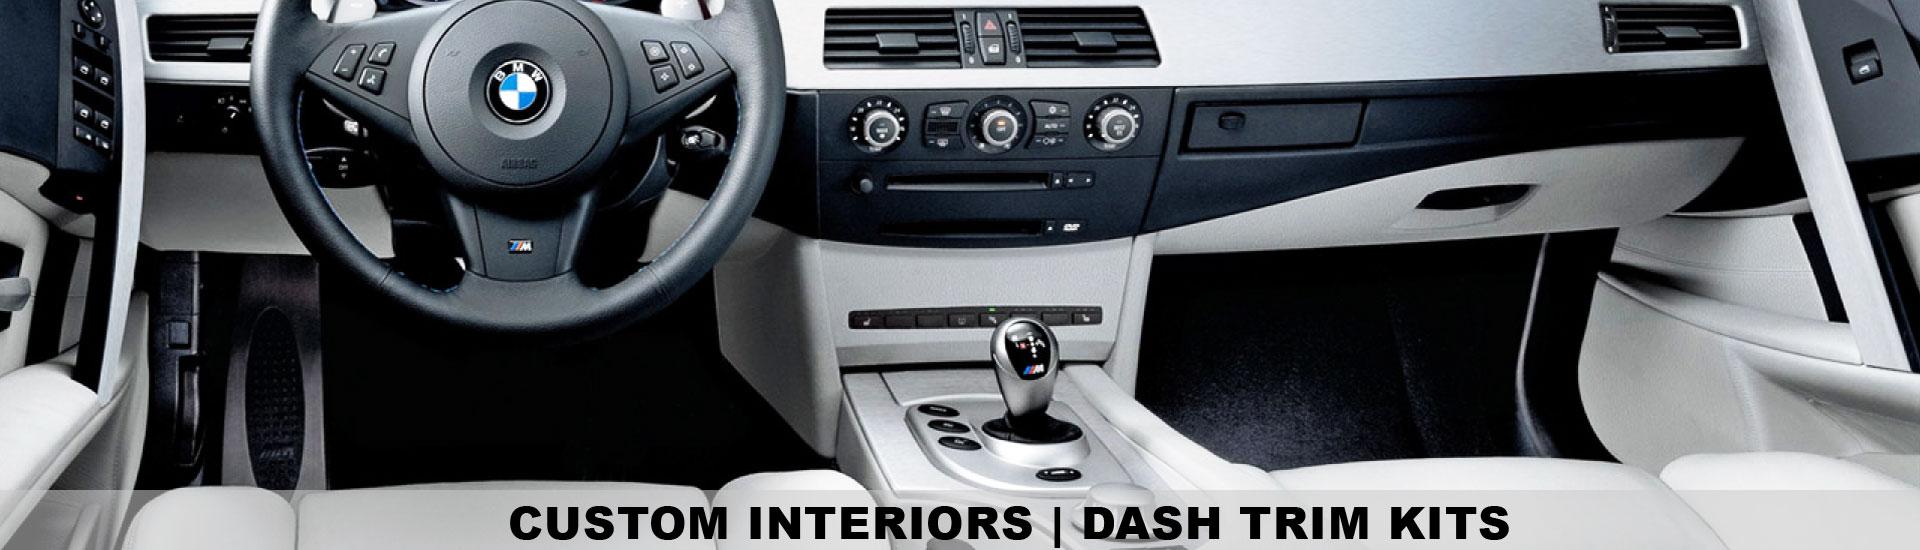 Custom Dash Kits